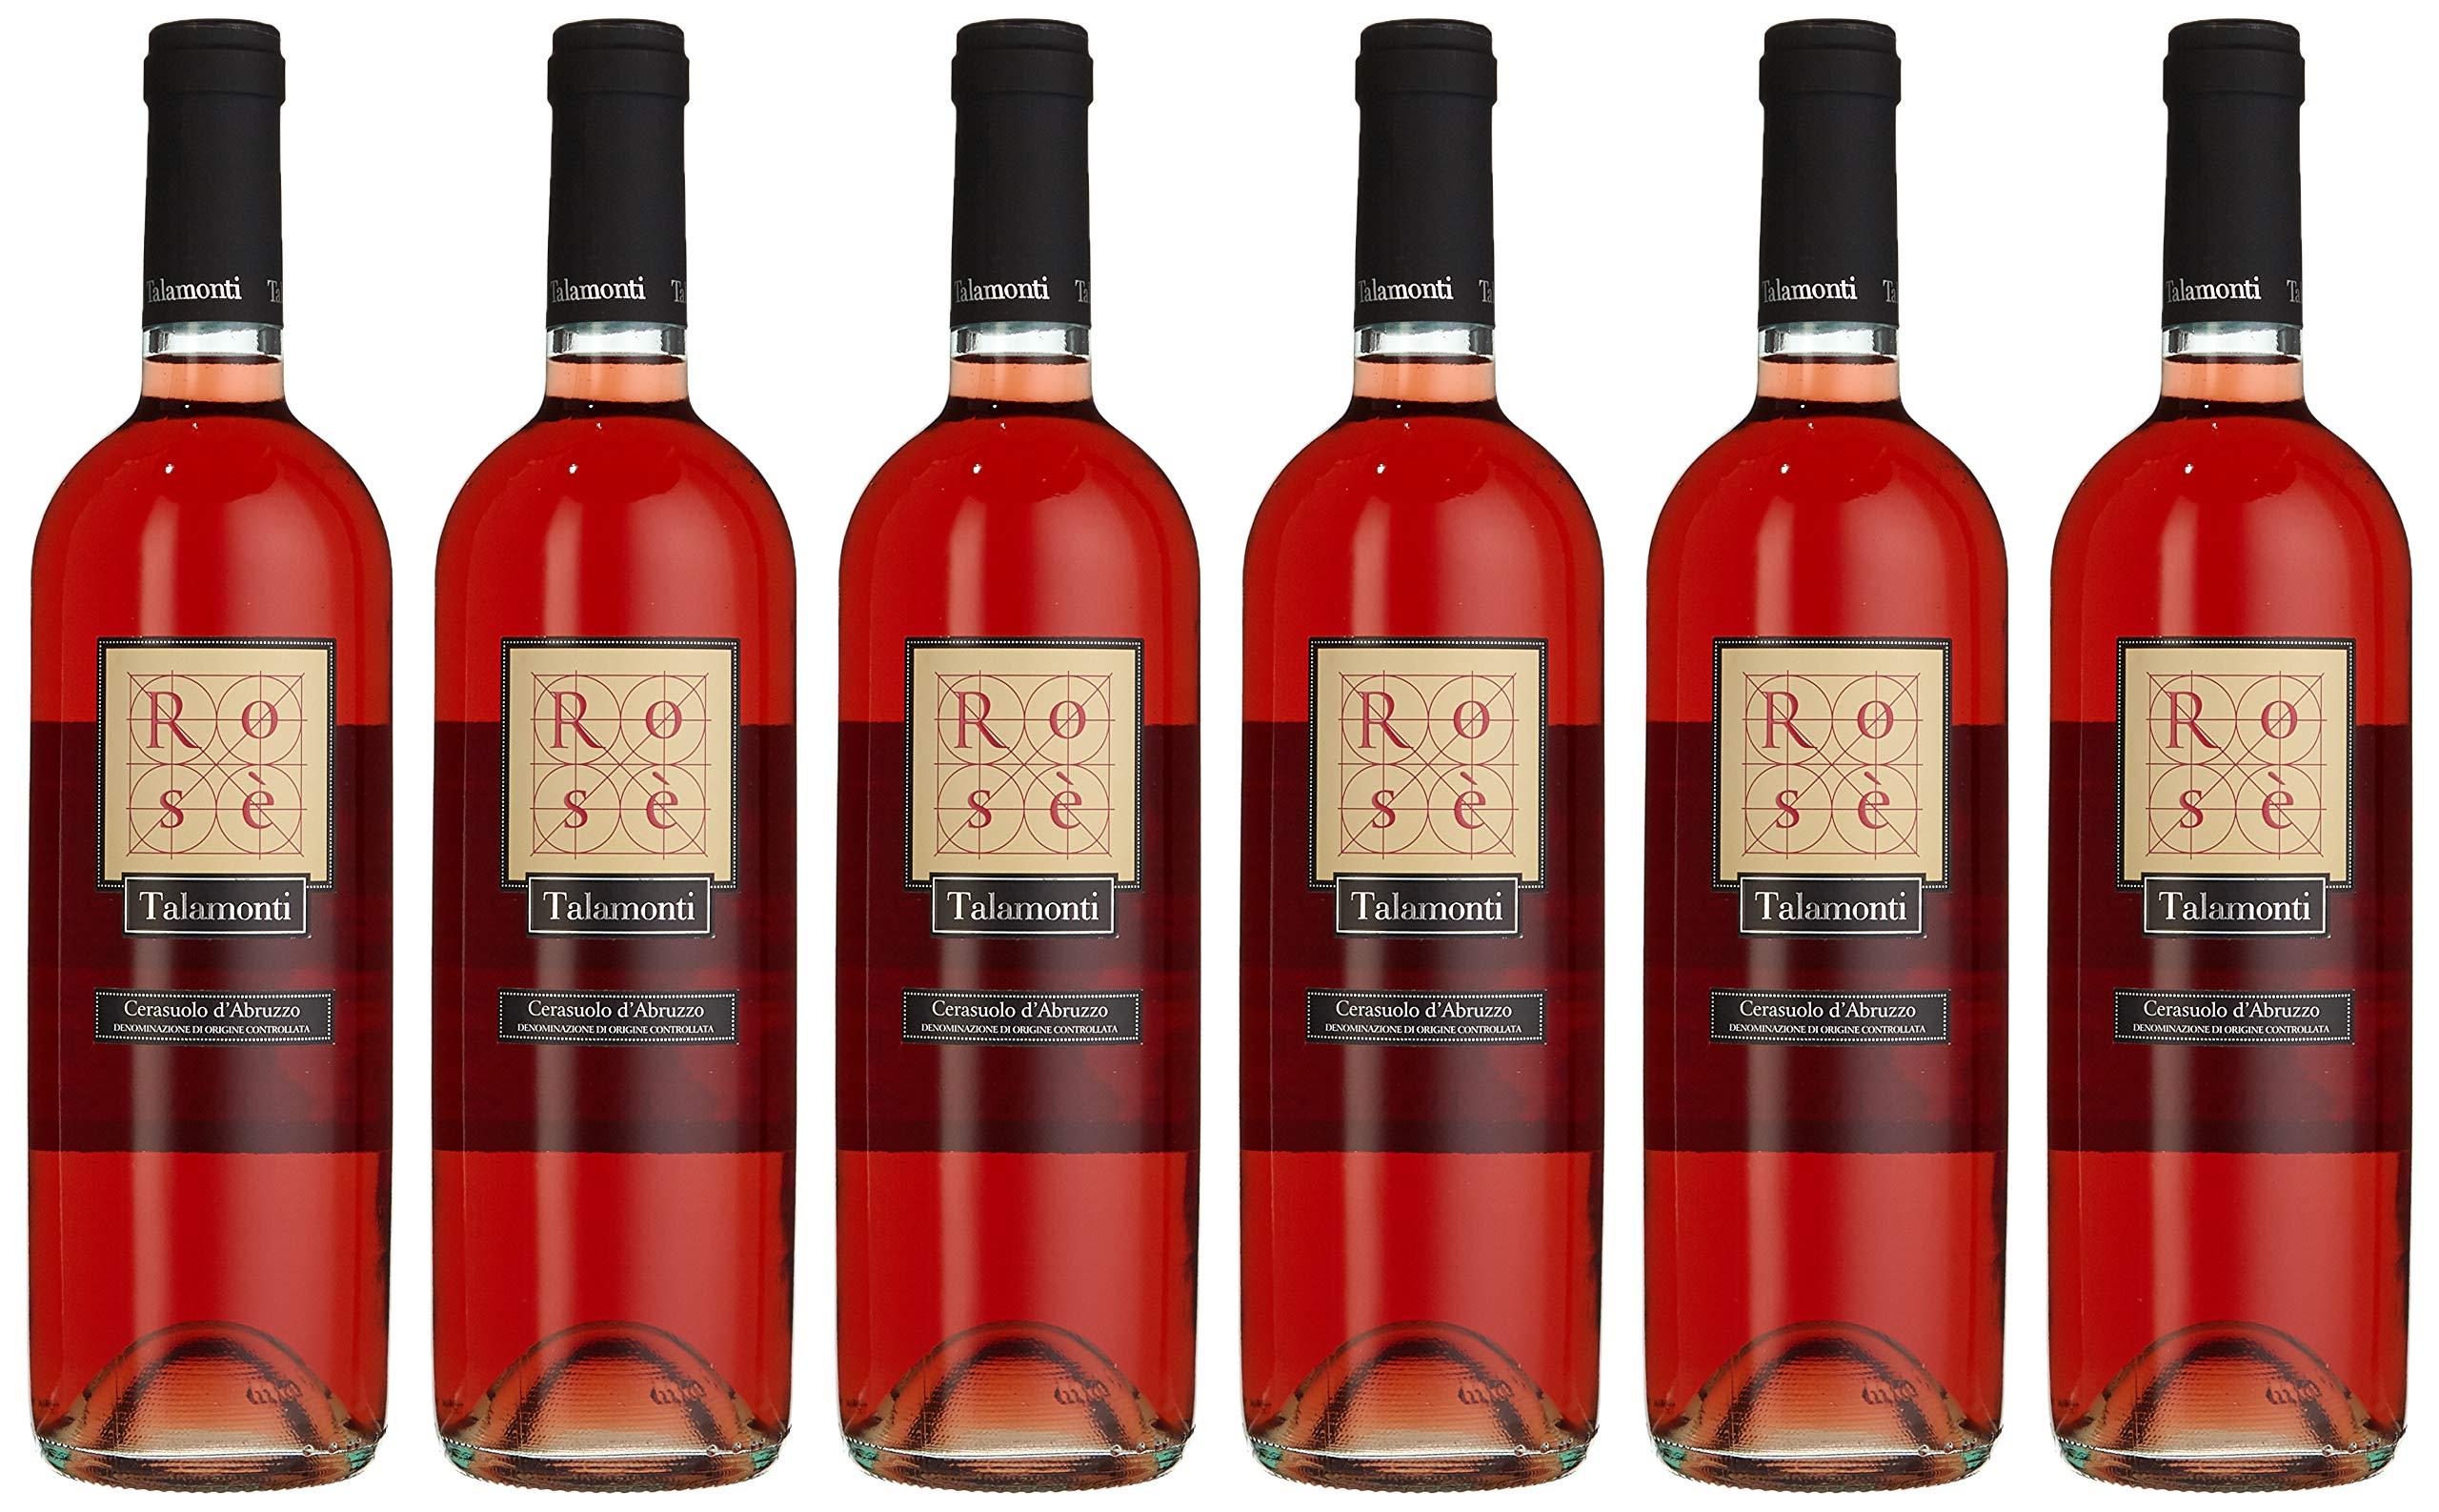 Talamonti-Ros-Cerasuolo-dAbruzzo-DOC-6er-Pack-6-x-075-l